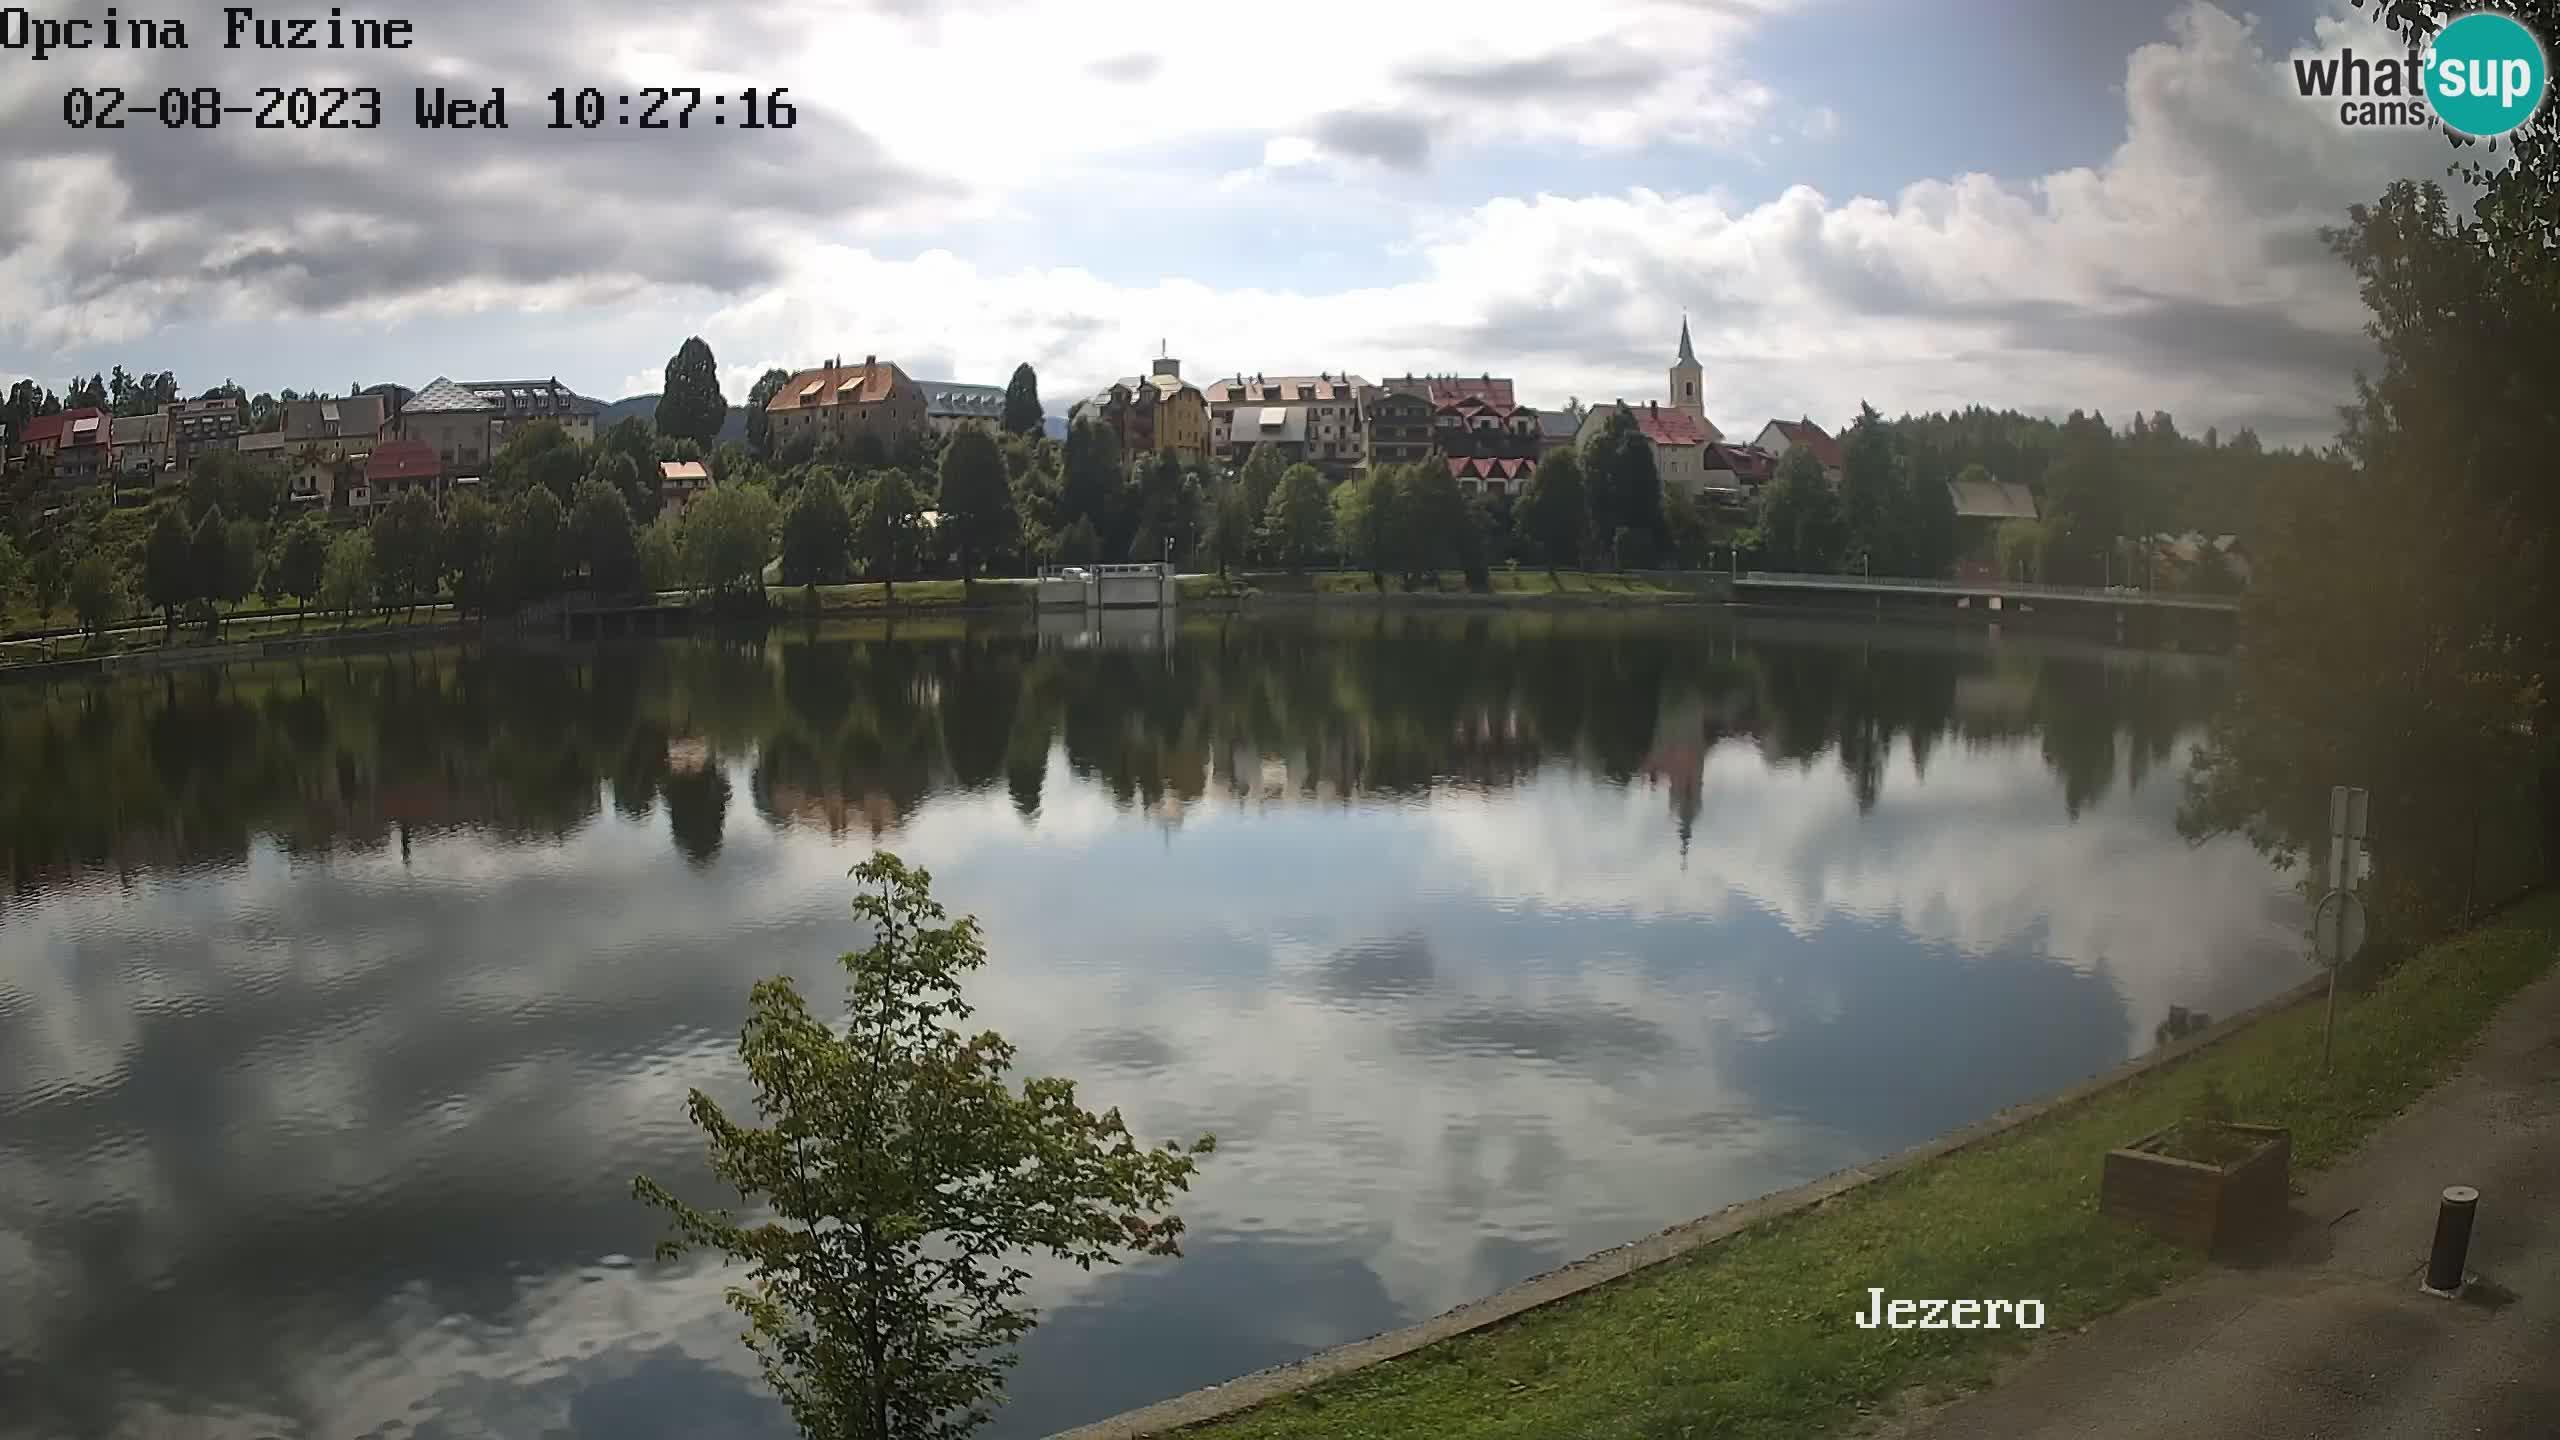 Lago Bajer livecam Bajersko Jezero Fužine